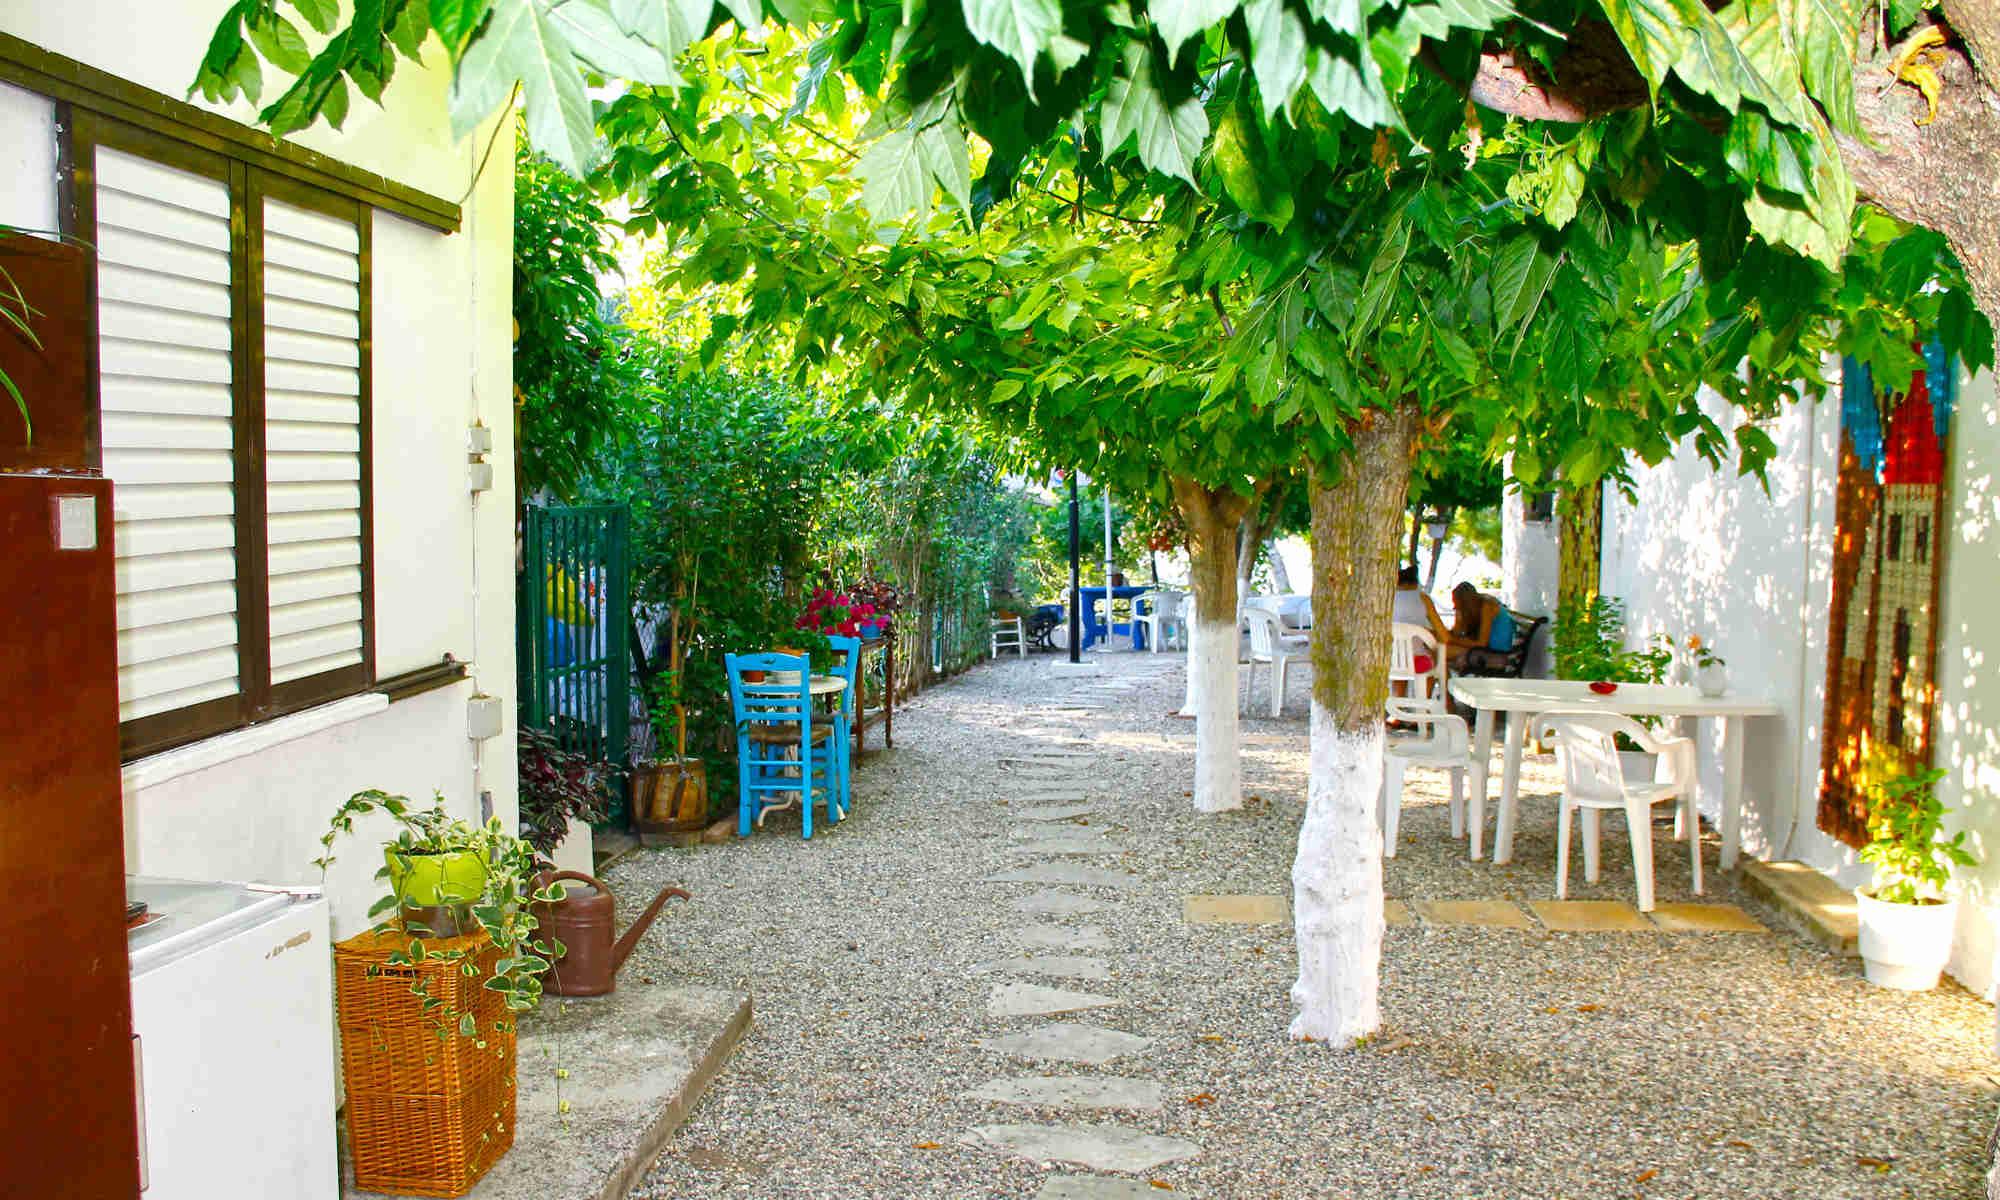 Ο κήπος των ενοικιαζομένων δωματίων - studios Άνοιξη: διαμπερής μέχρι το απέραντο γαλάζιο του Ιονίου Πελάγους! Κατεβαίνοντας 10 σκαλάκια είστε στην θάλασσα